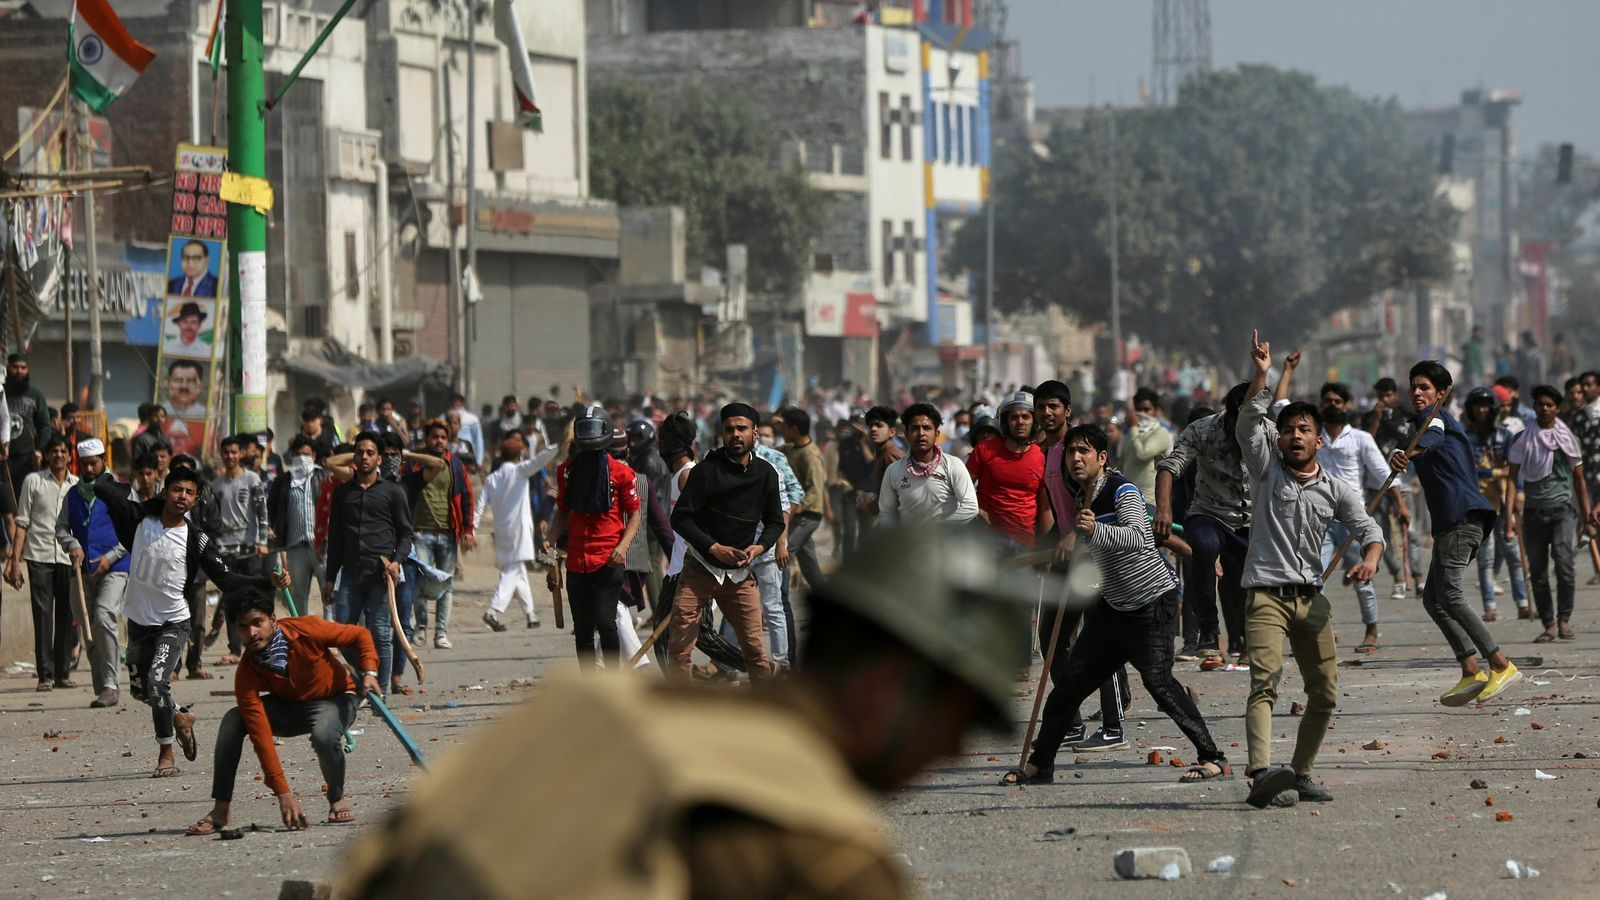 Manifestants opositors a la nova llei de ciutadania llencen pedres contra la policia durant les protestes a Delhi, Índia.